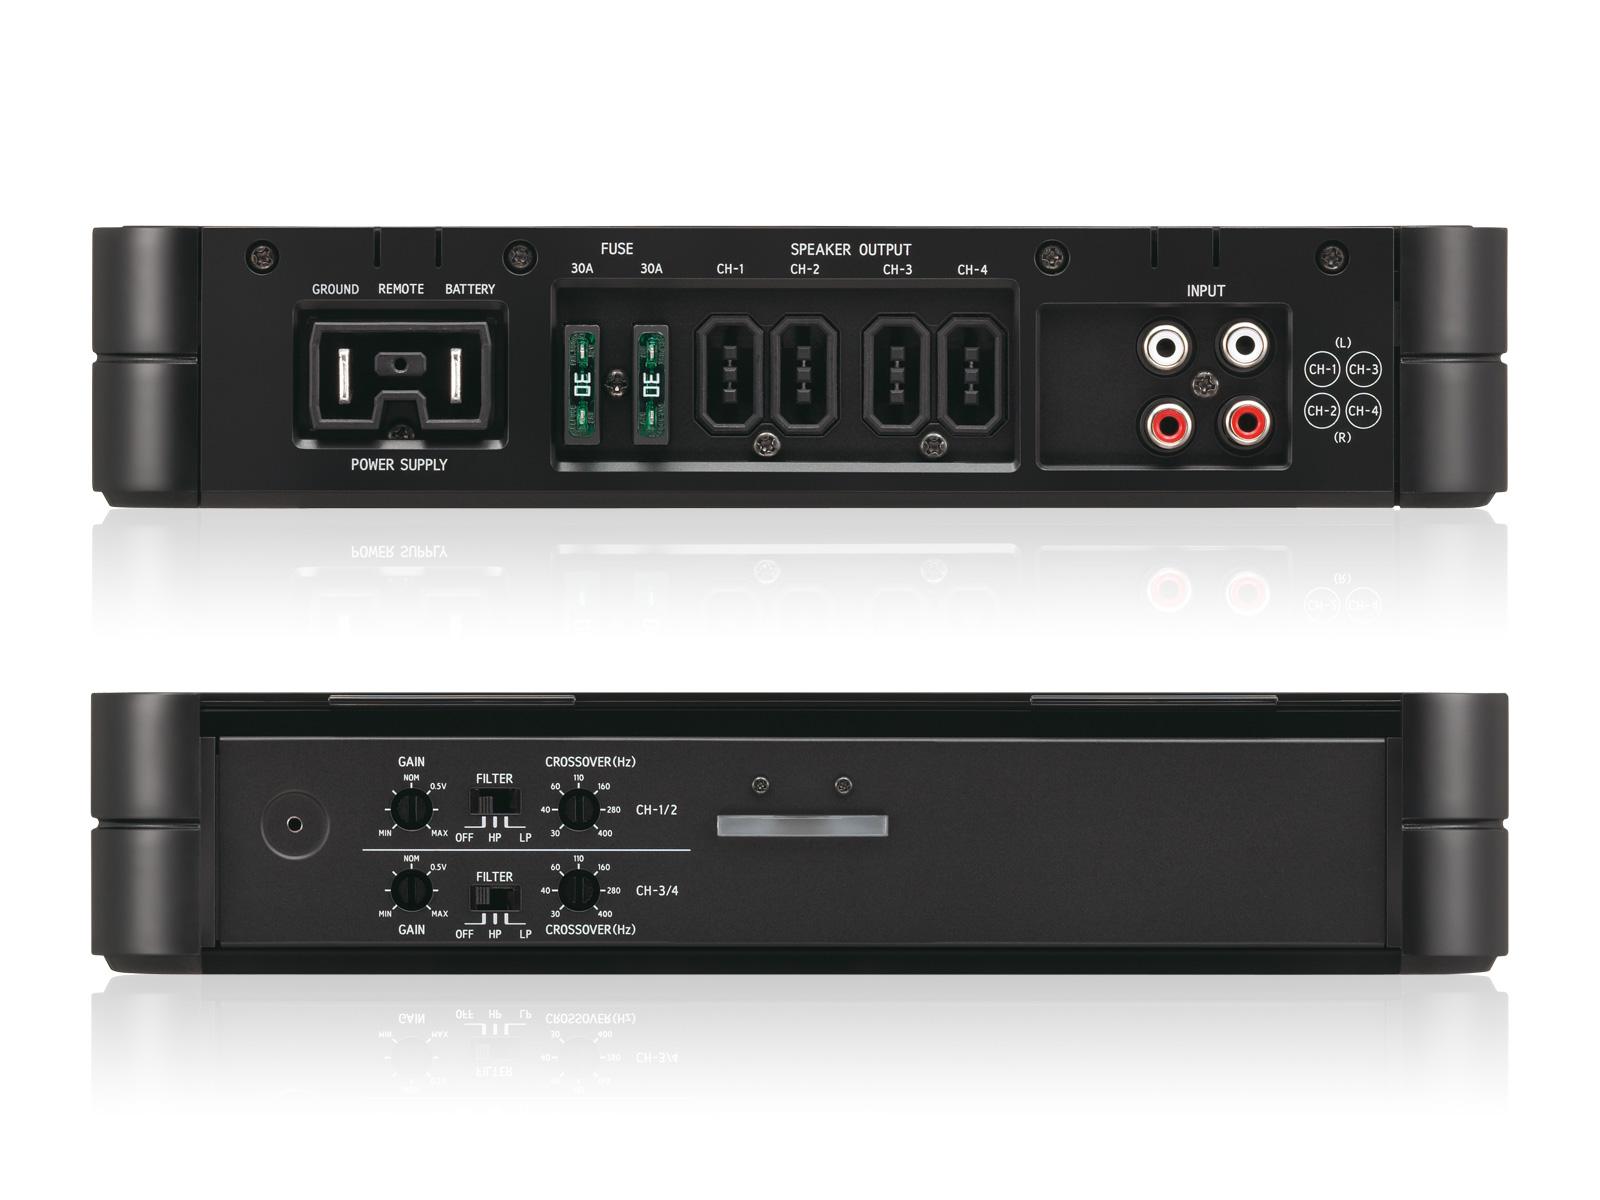 4 3 2 Channel Power Density Digital Amplifier Alpine Pdx F6 Szx1302 Subwoofer Lowpass Circuit Board Free